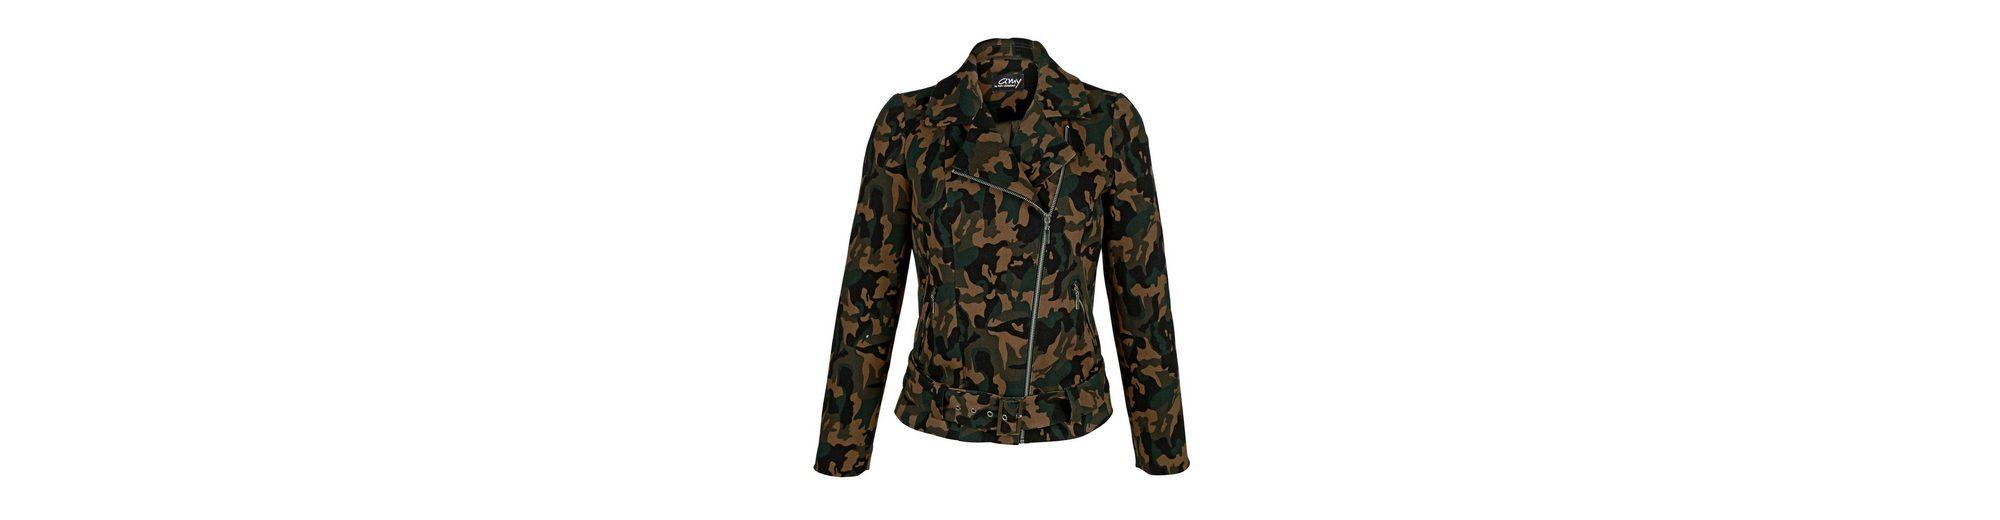 Auslass Original Schlussverkauf Amy Vermont Bikerjacke in Camouflage-Jacquard Verkauf OlTIkJ